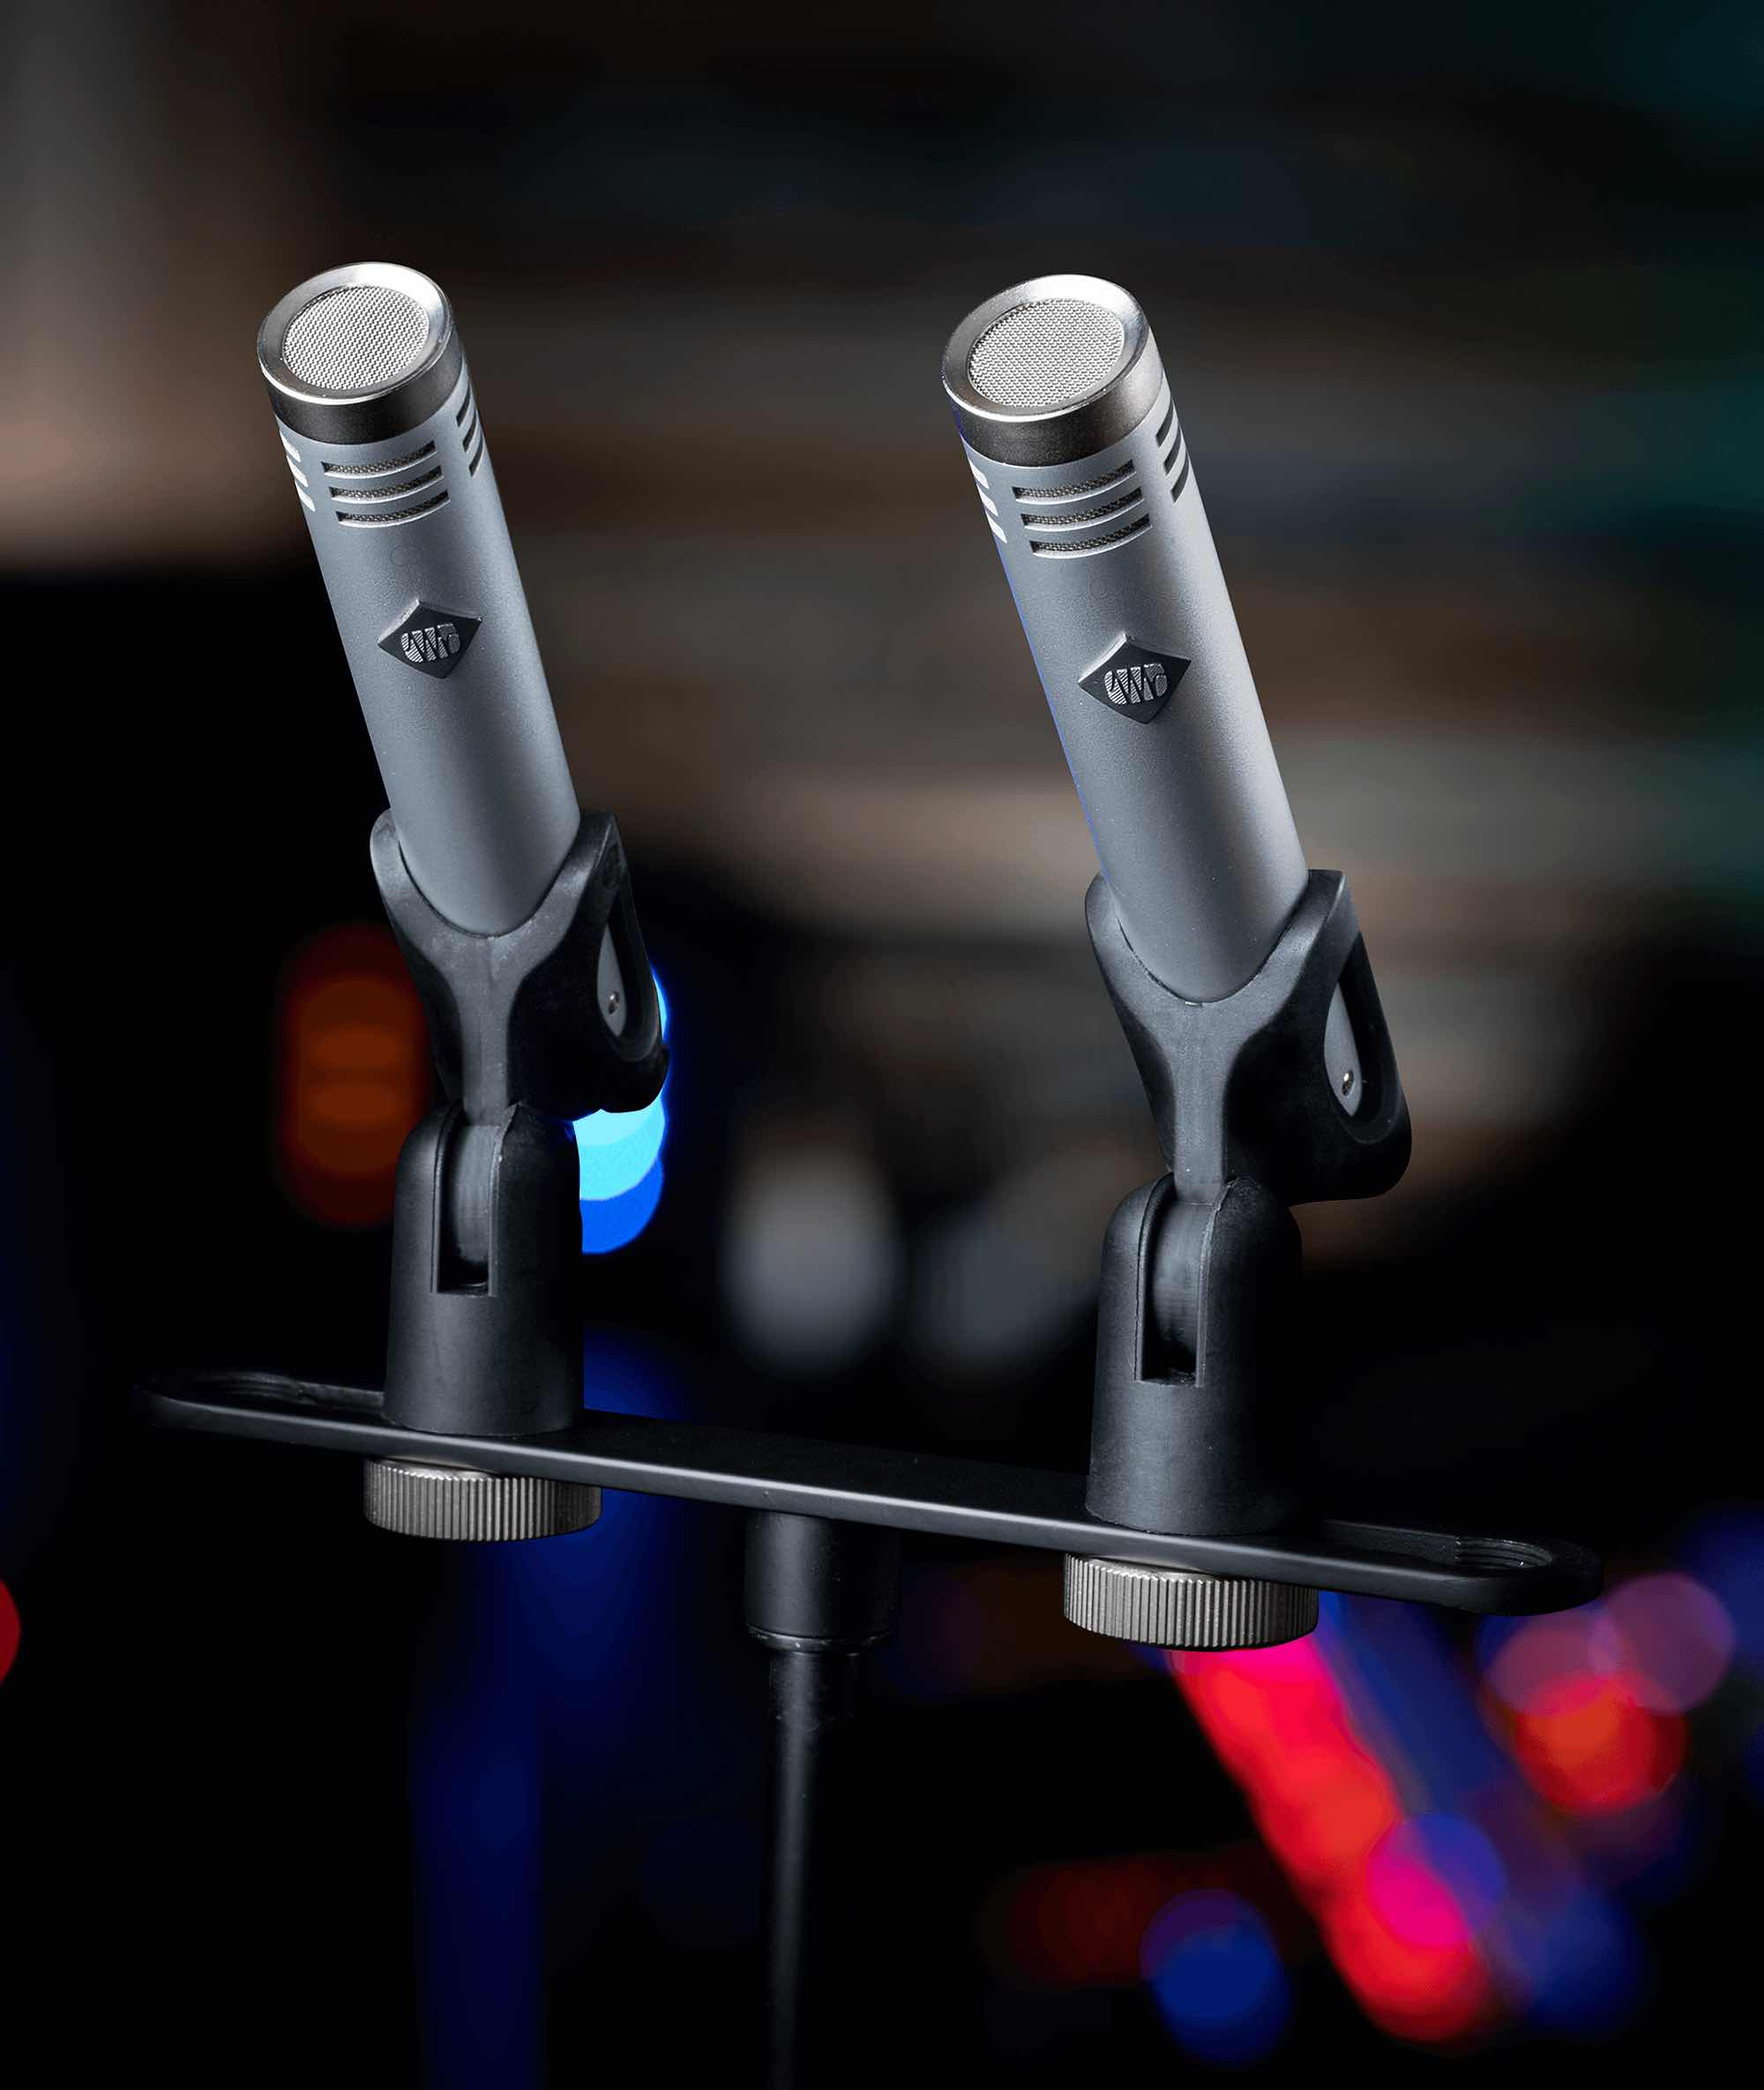 PreSonus PM-2 mic condensatore studio rec home project pro midi music strumenti musicali